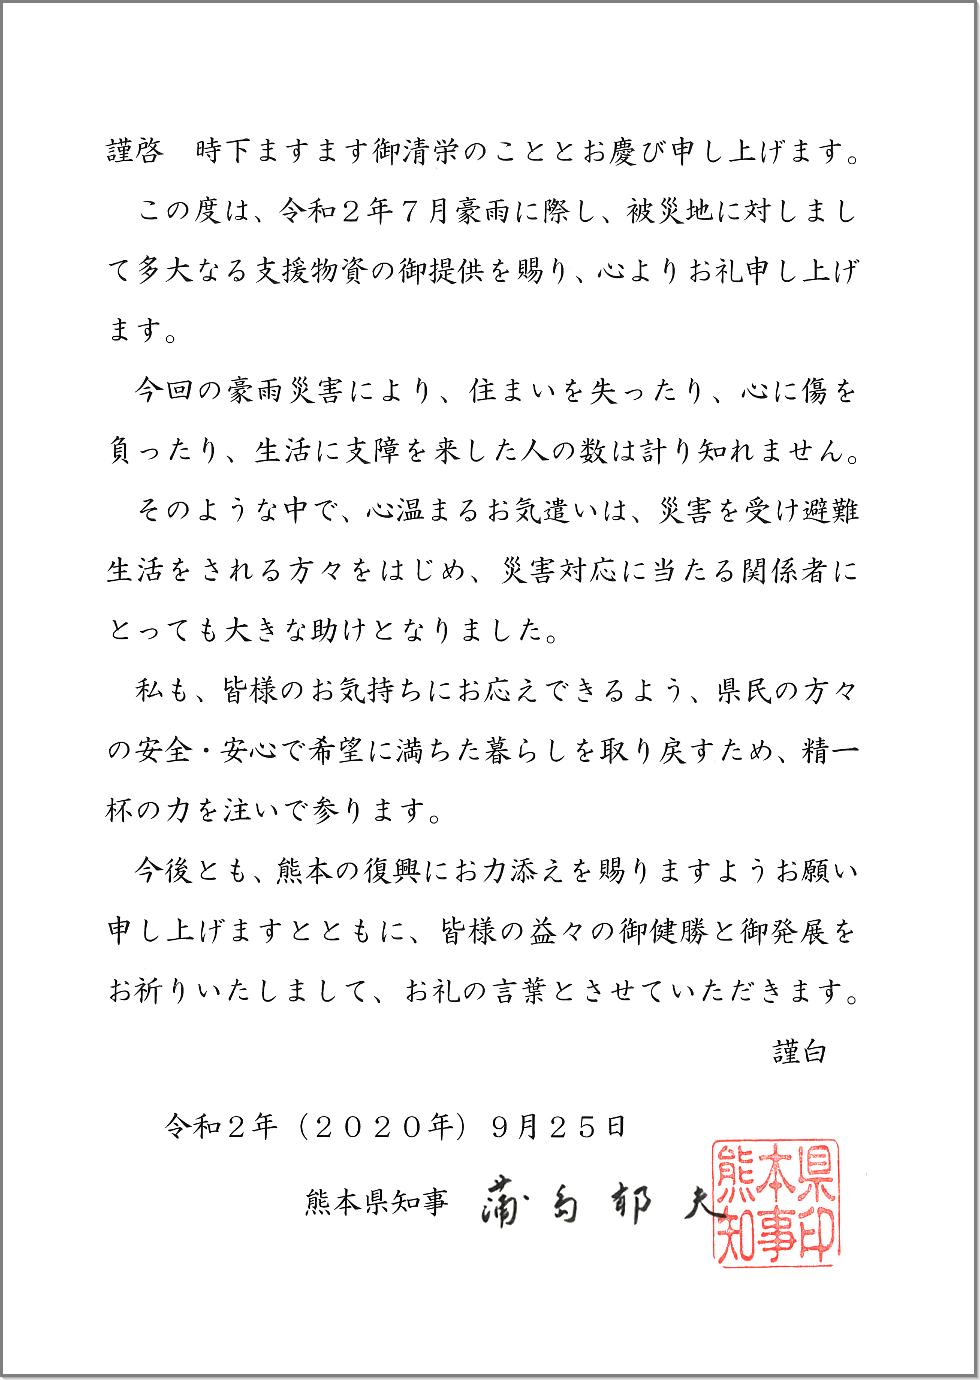 熊本県より寄付へのお礼状が届きました